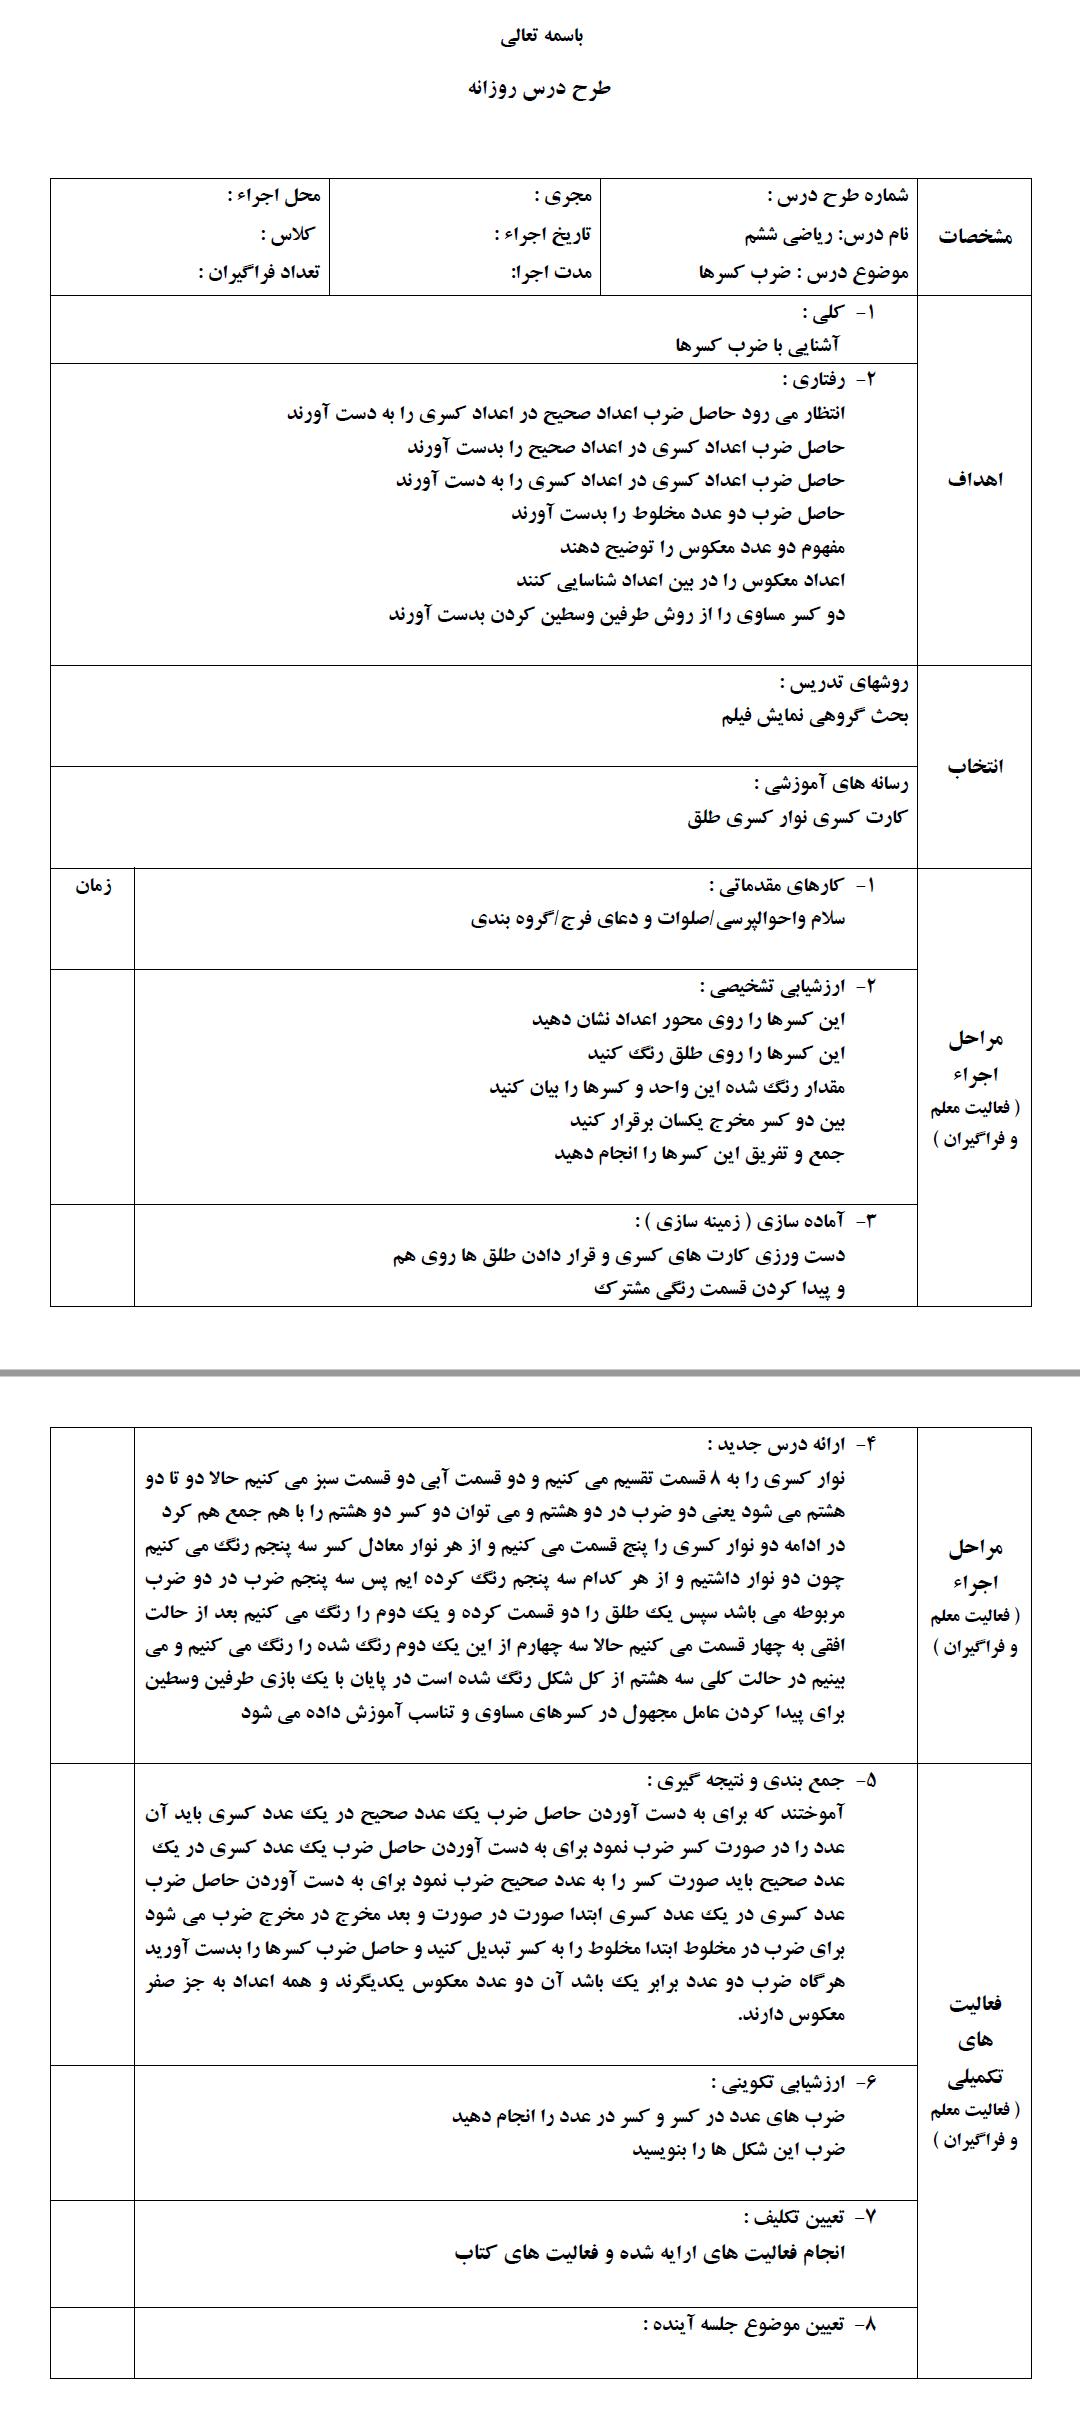 نمونه طرح درس ششم ابتدایی